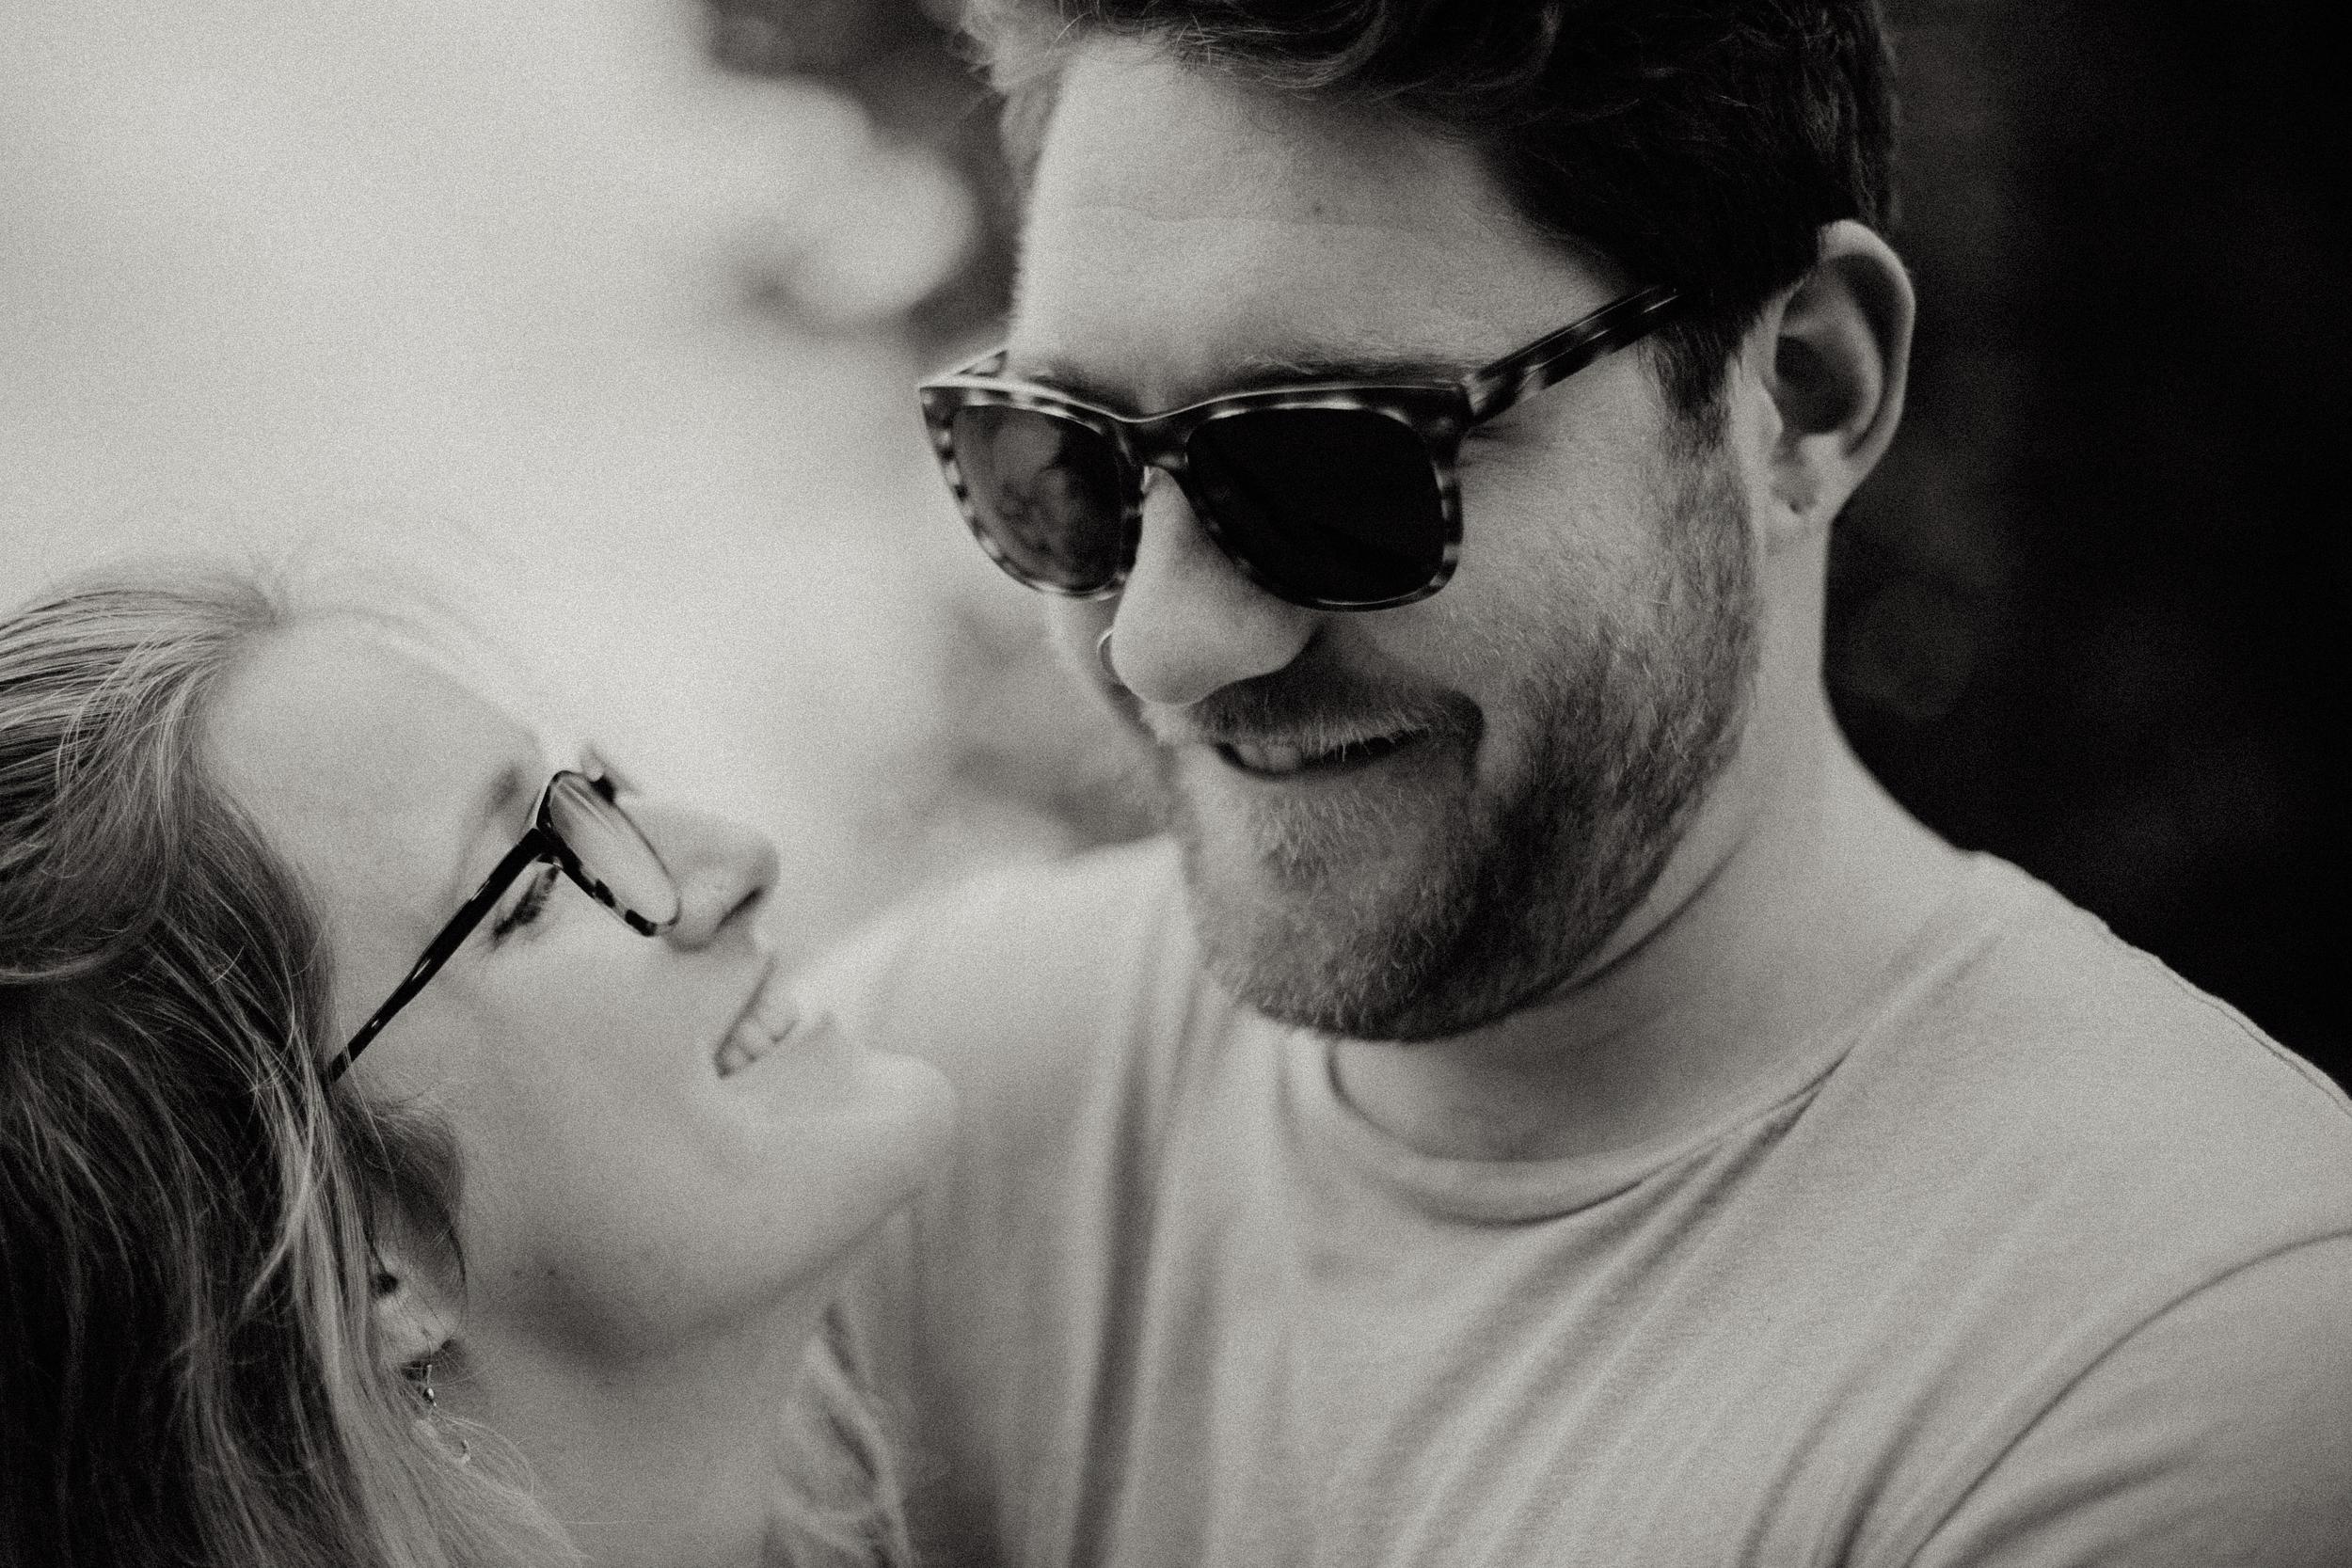 Chelsea + Brent Nashville Engagement Session Photography Anthology Wedding Photographer-7.jpg